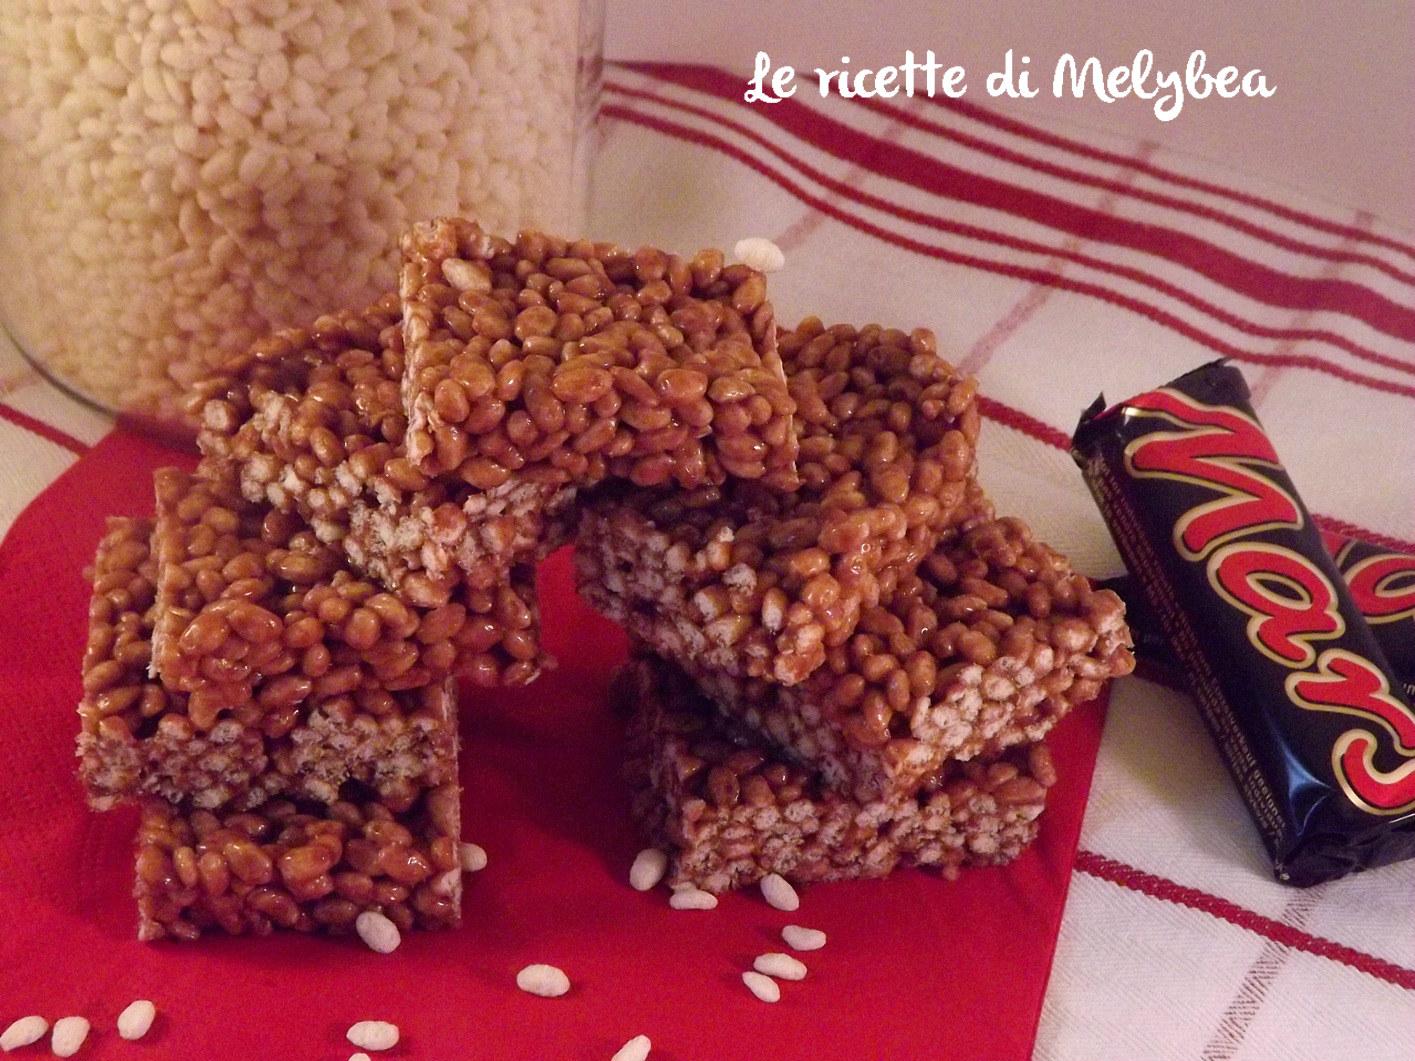 Torta ai mars ricetta per bambini le ricette di melybea for Tortas mars medellin